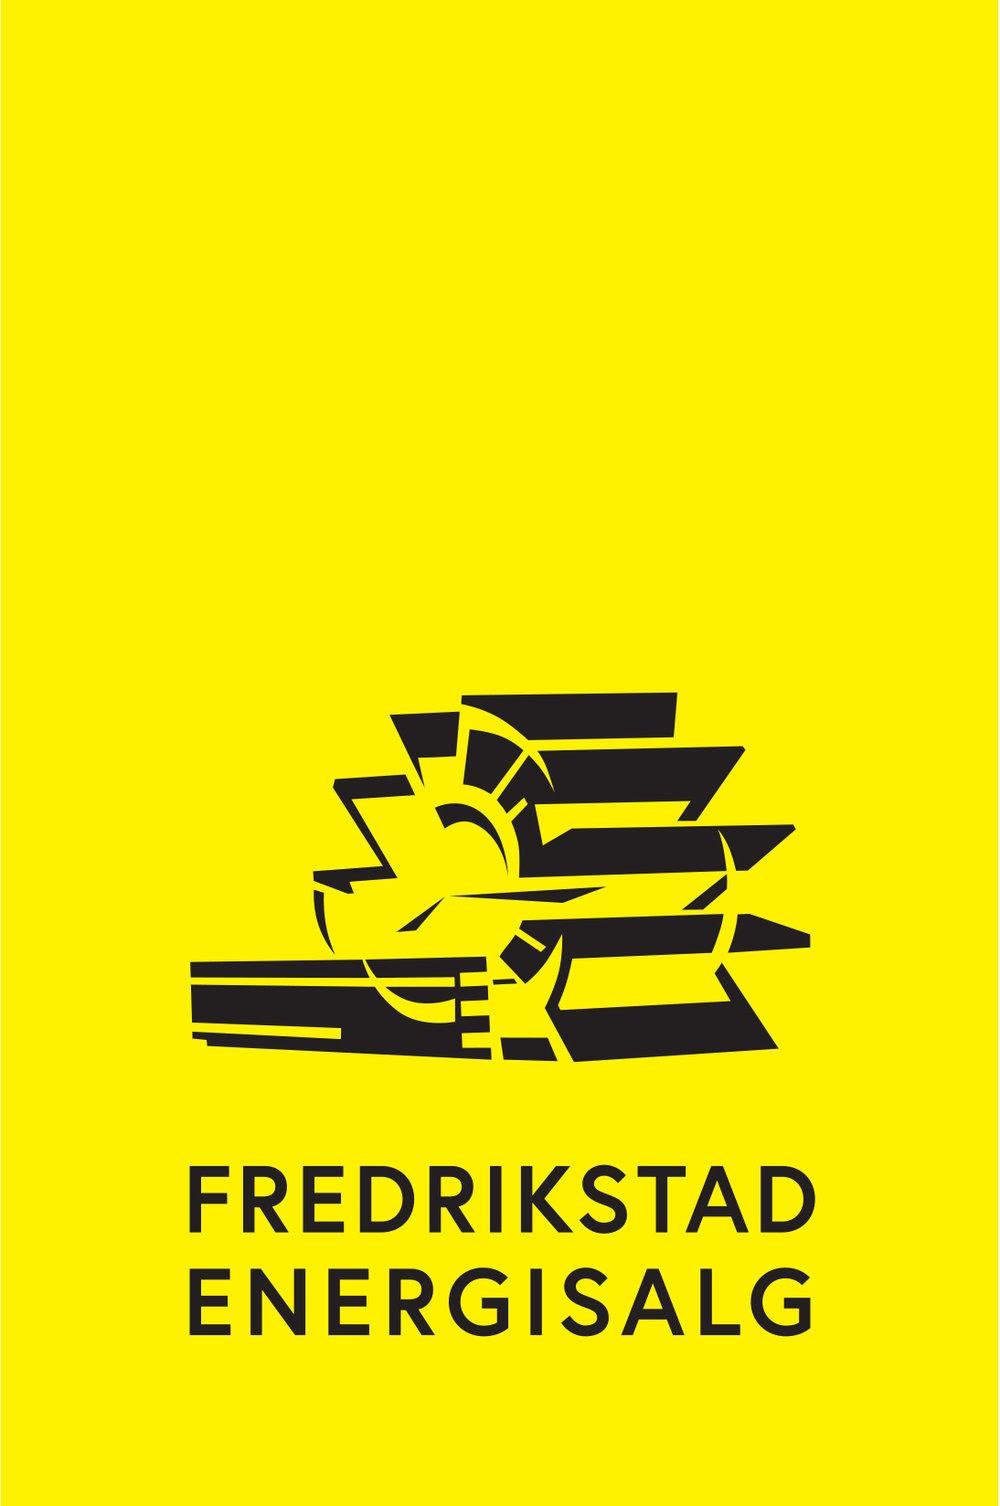 FES logo gul og sort.jpg